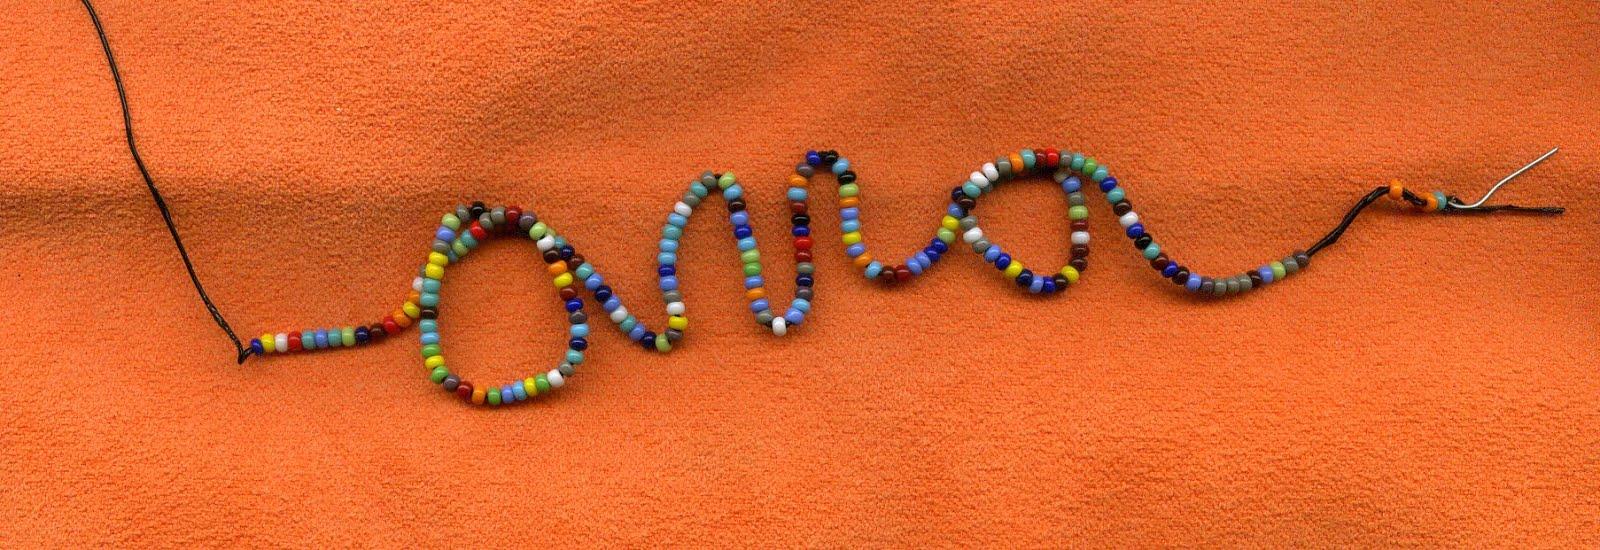 La palabra ama hecha con alambre y chaquiras